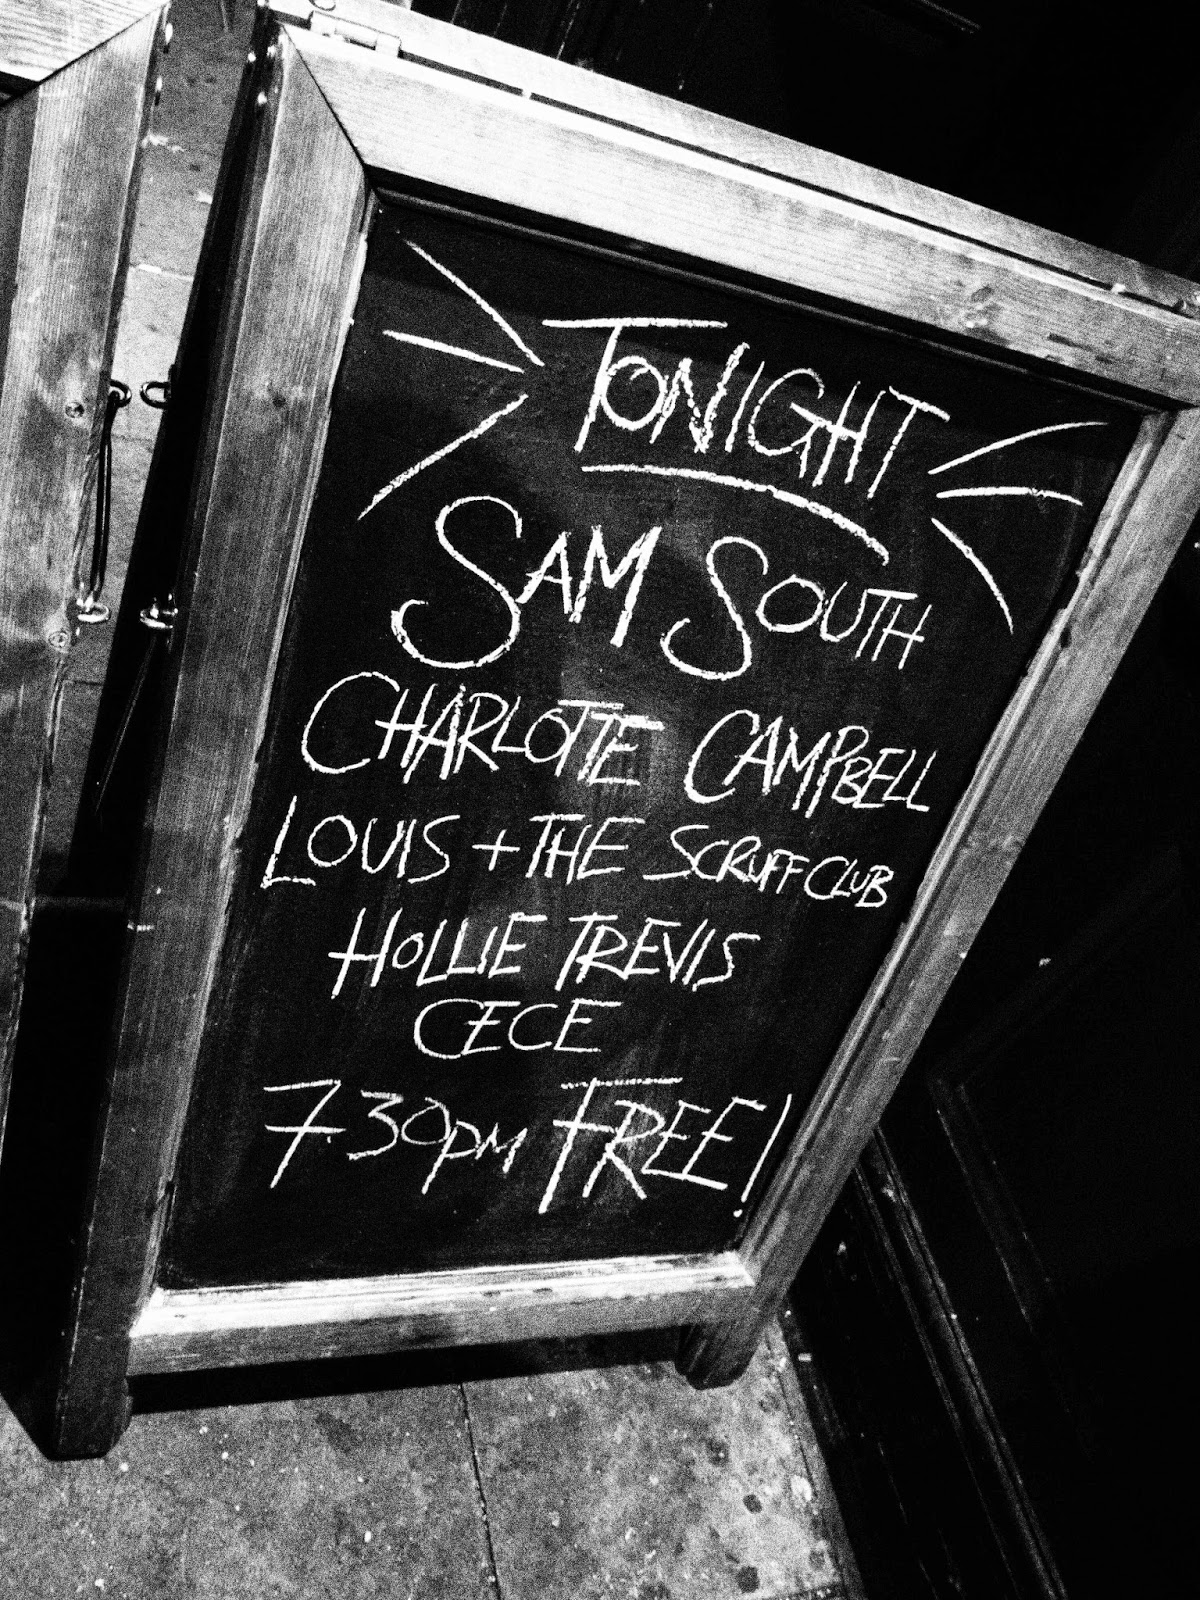 Sam South